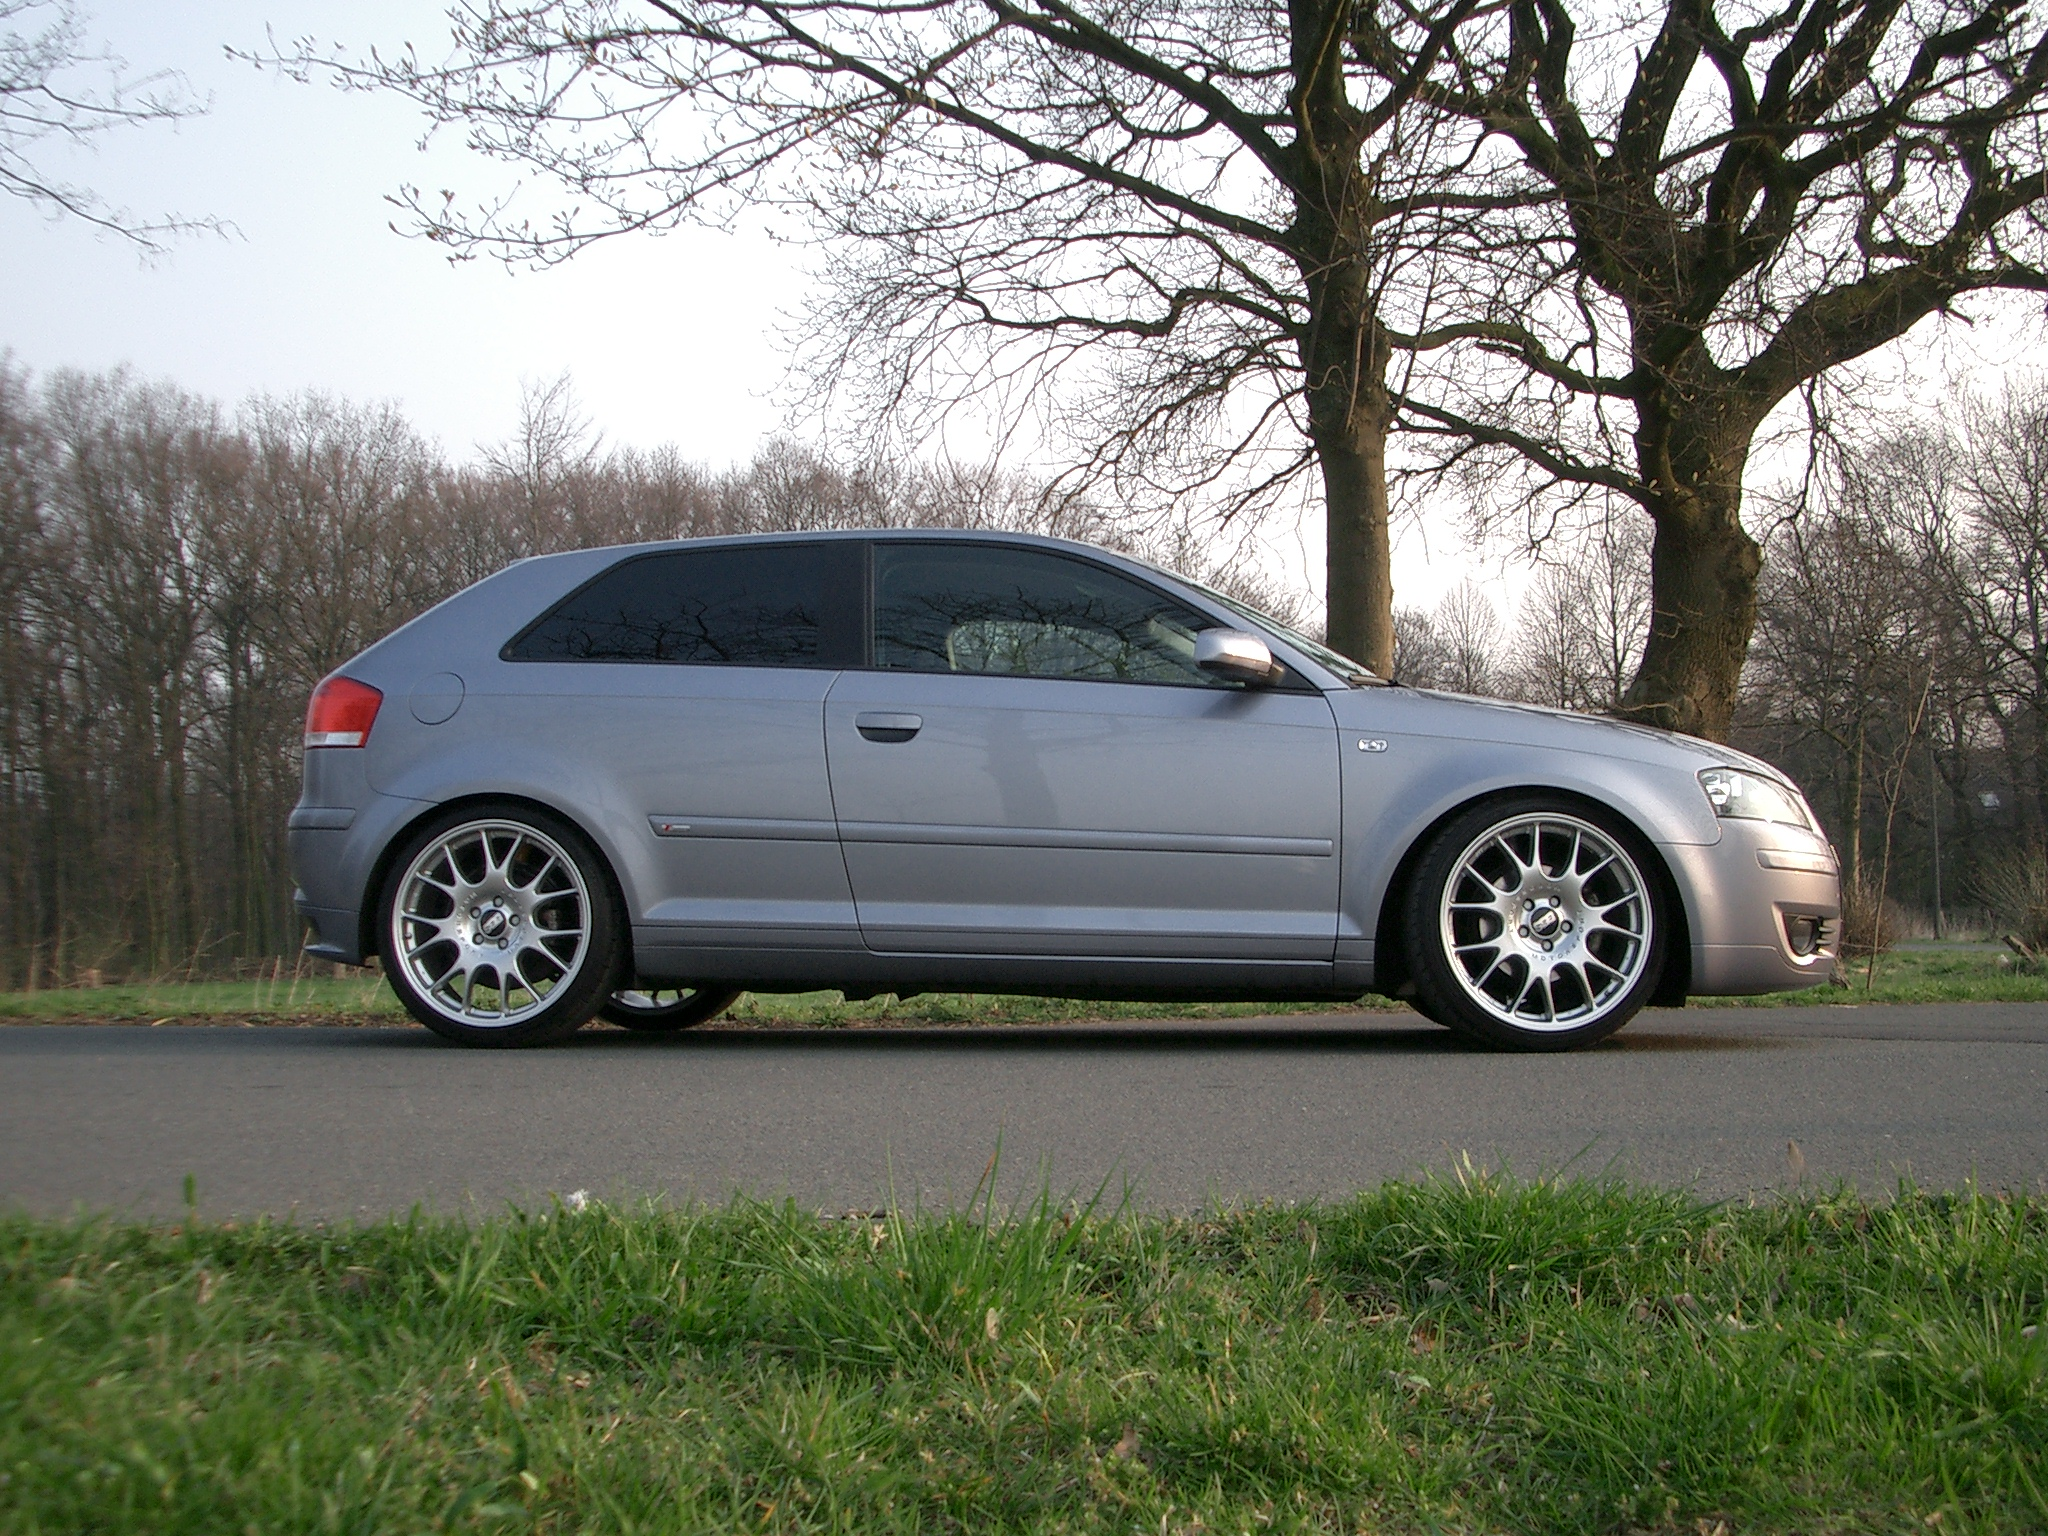 Willkommen Auf Der Seite Rund Um Meinen Audi Home